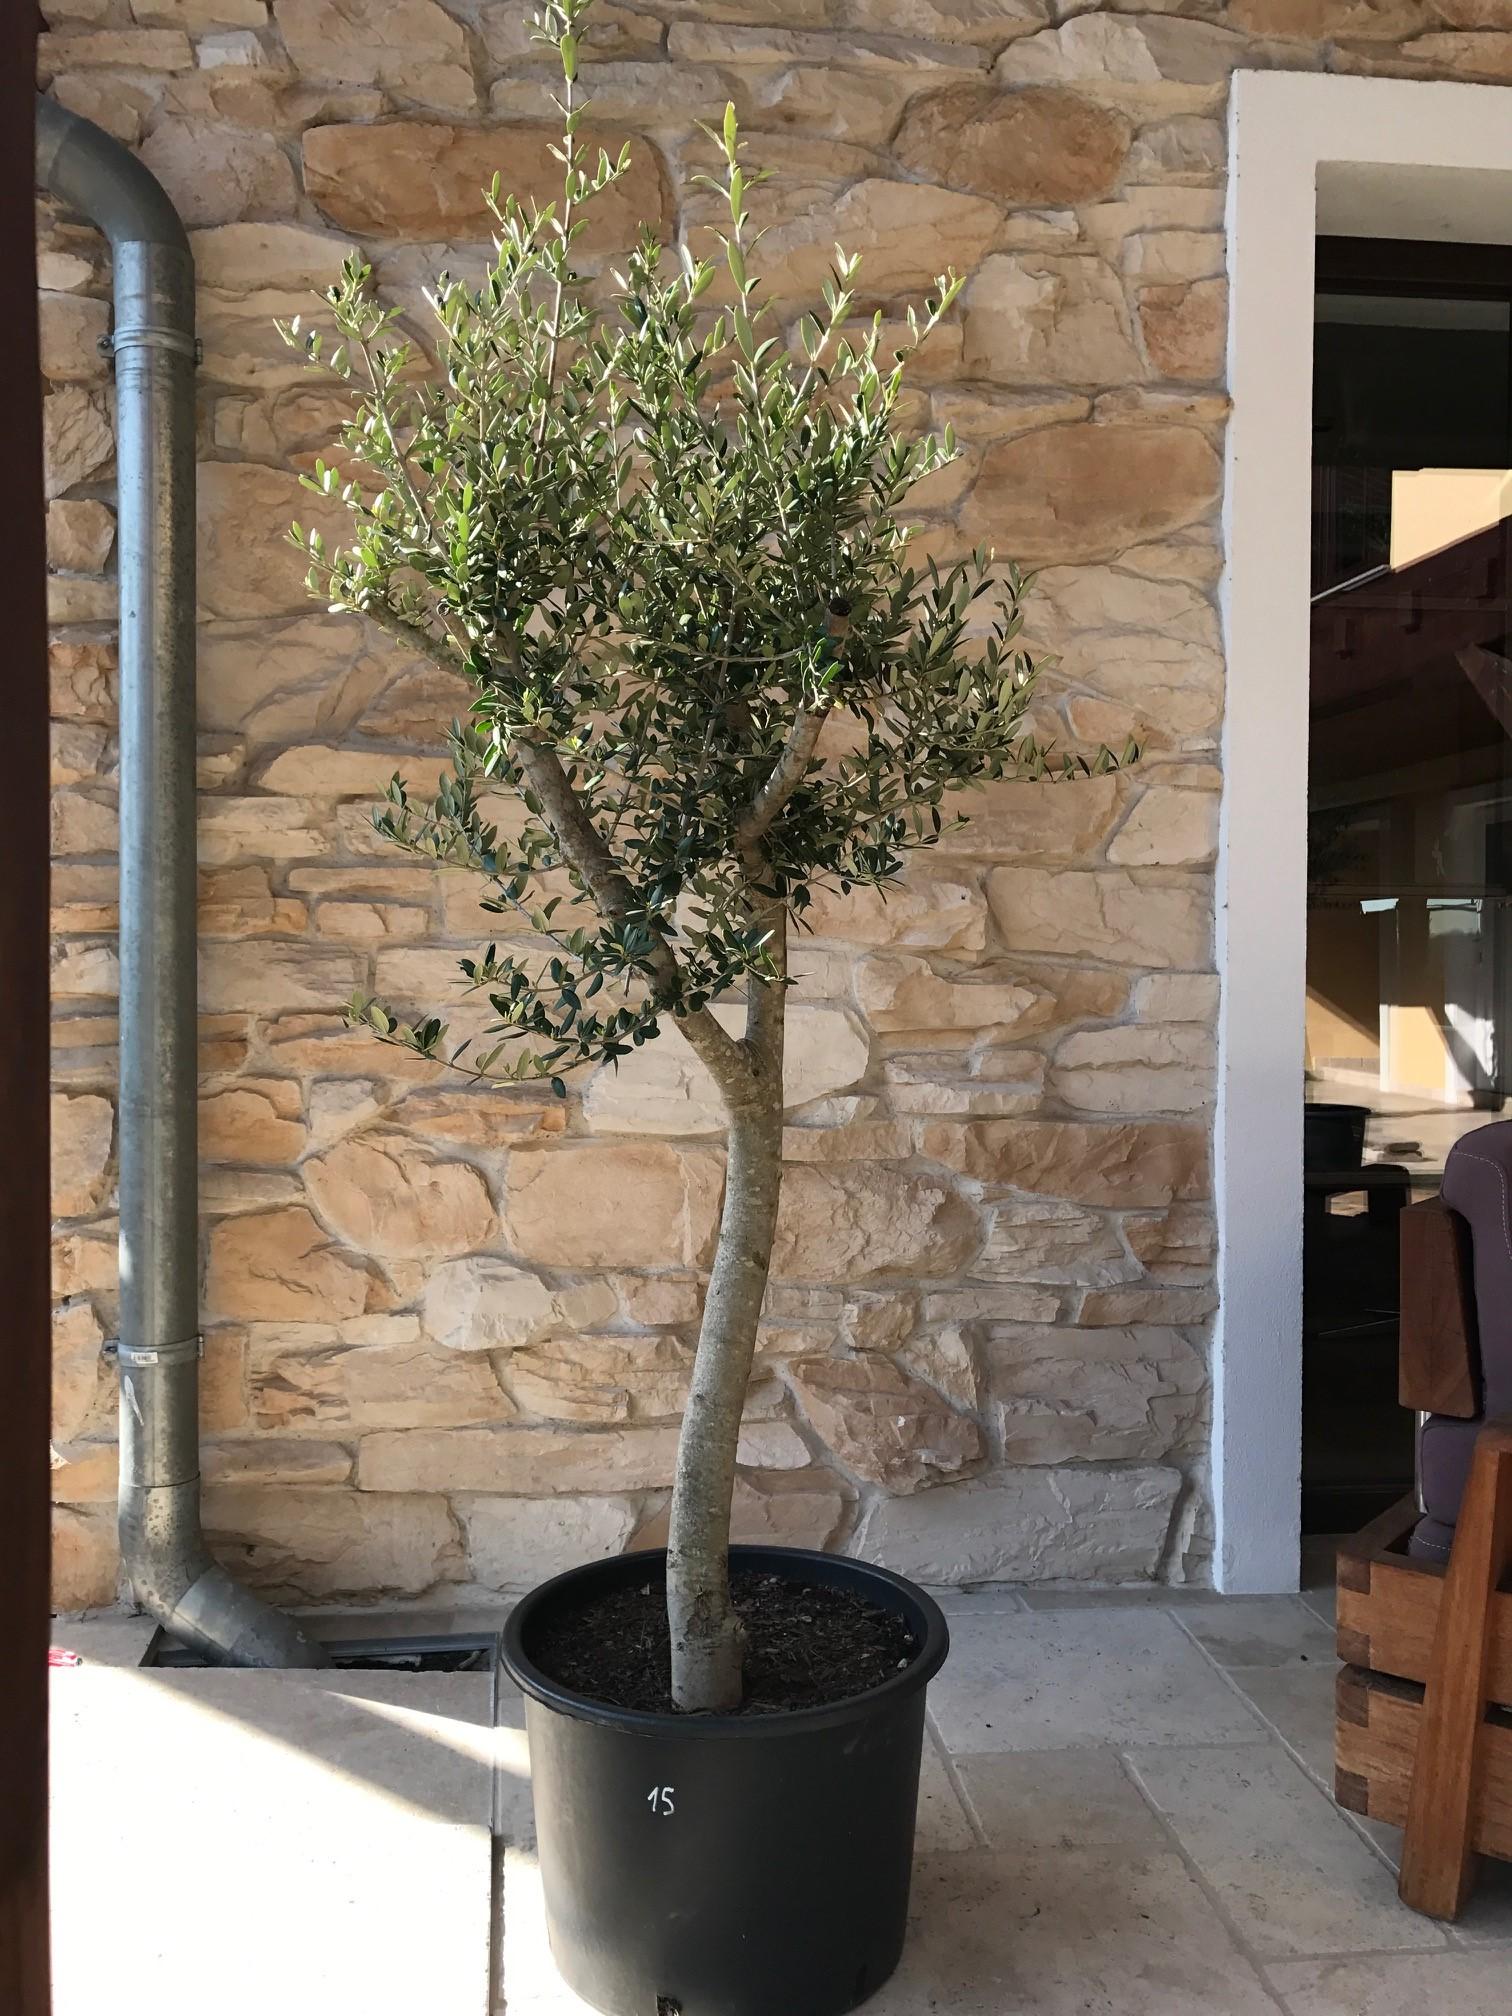 mediterrane pflanzen olivenbaum st mmchen 15. Black Bedroom Furniture Sets. Home Design Ideas